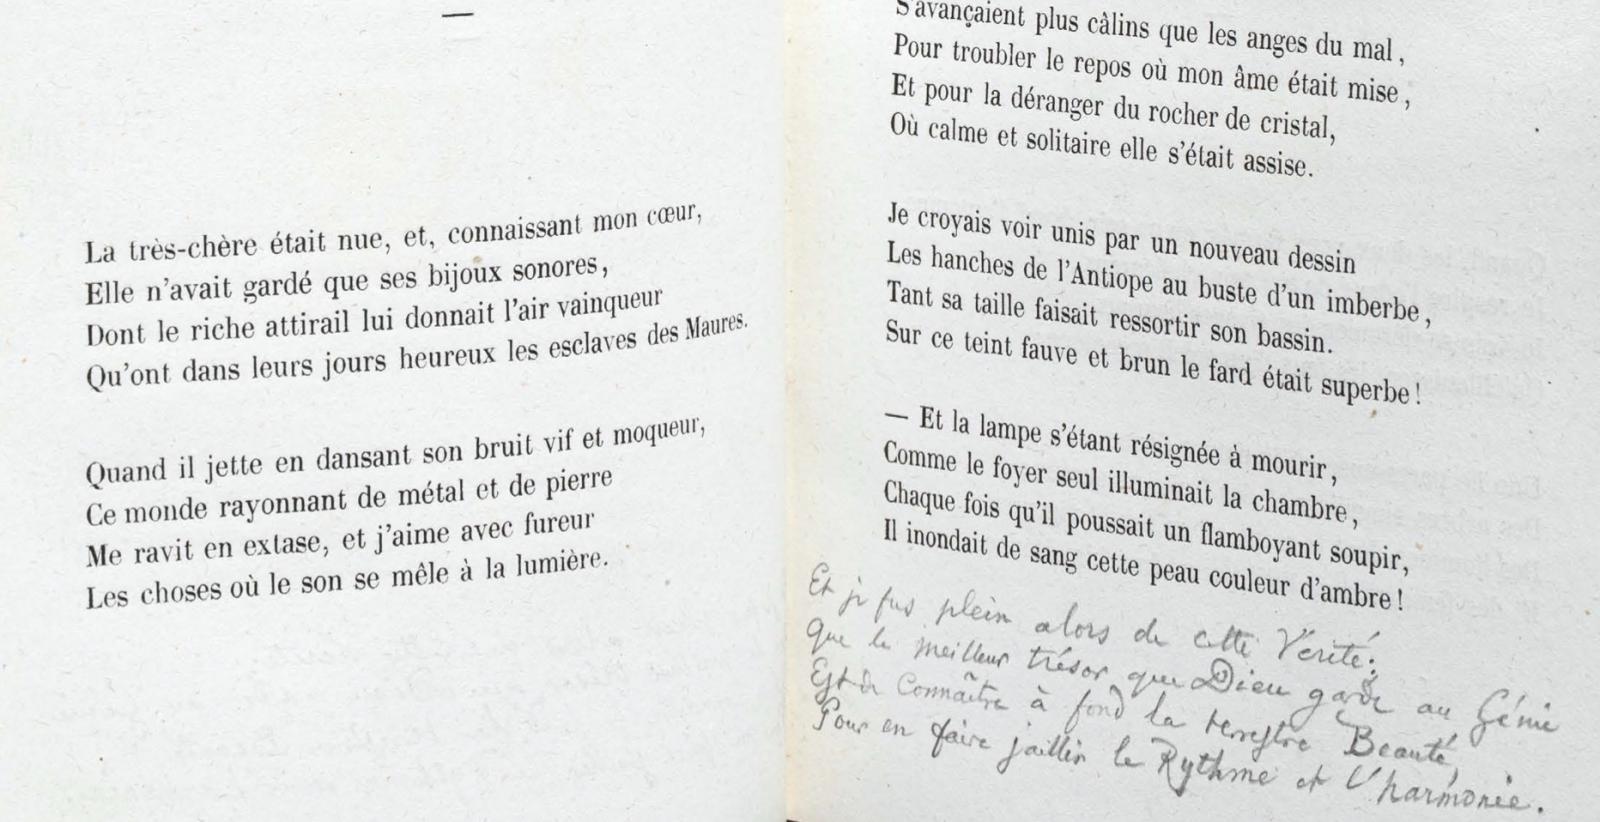 Les Fleurs Du Mal : Une Strophe Inédite De Baudelaire Découverte pour Poeme Les Fleurs